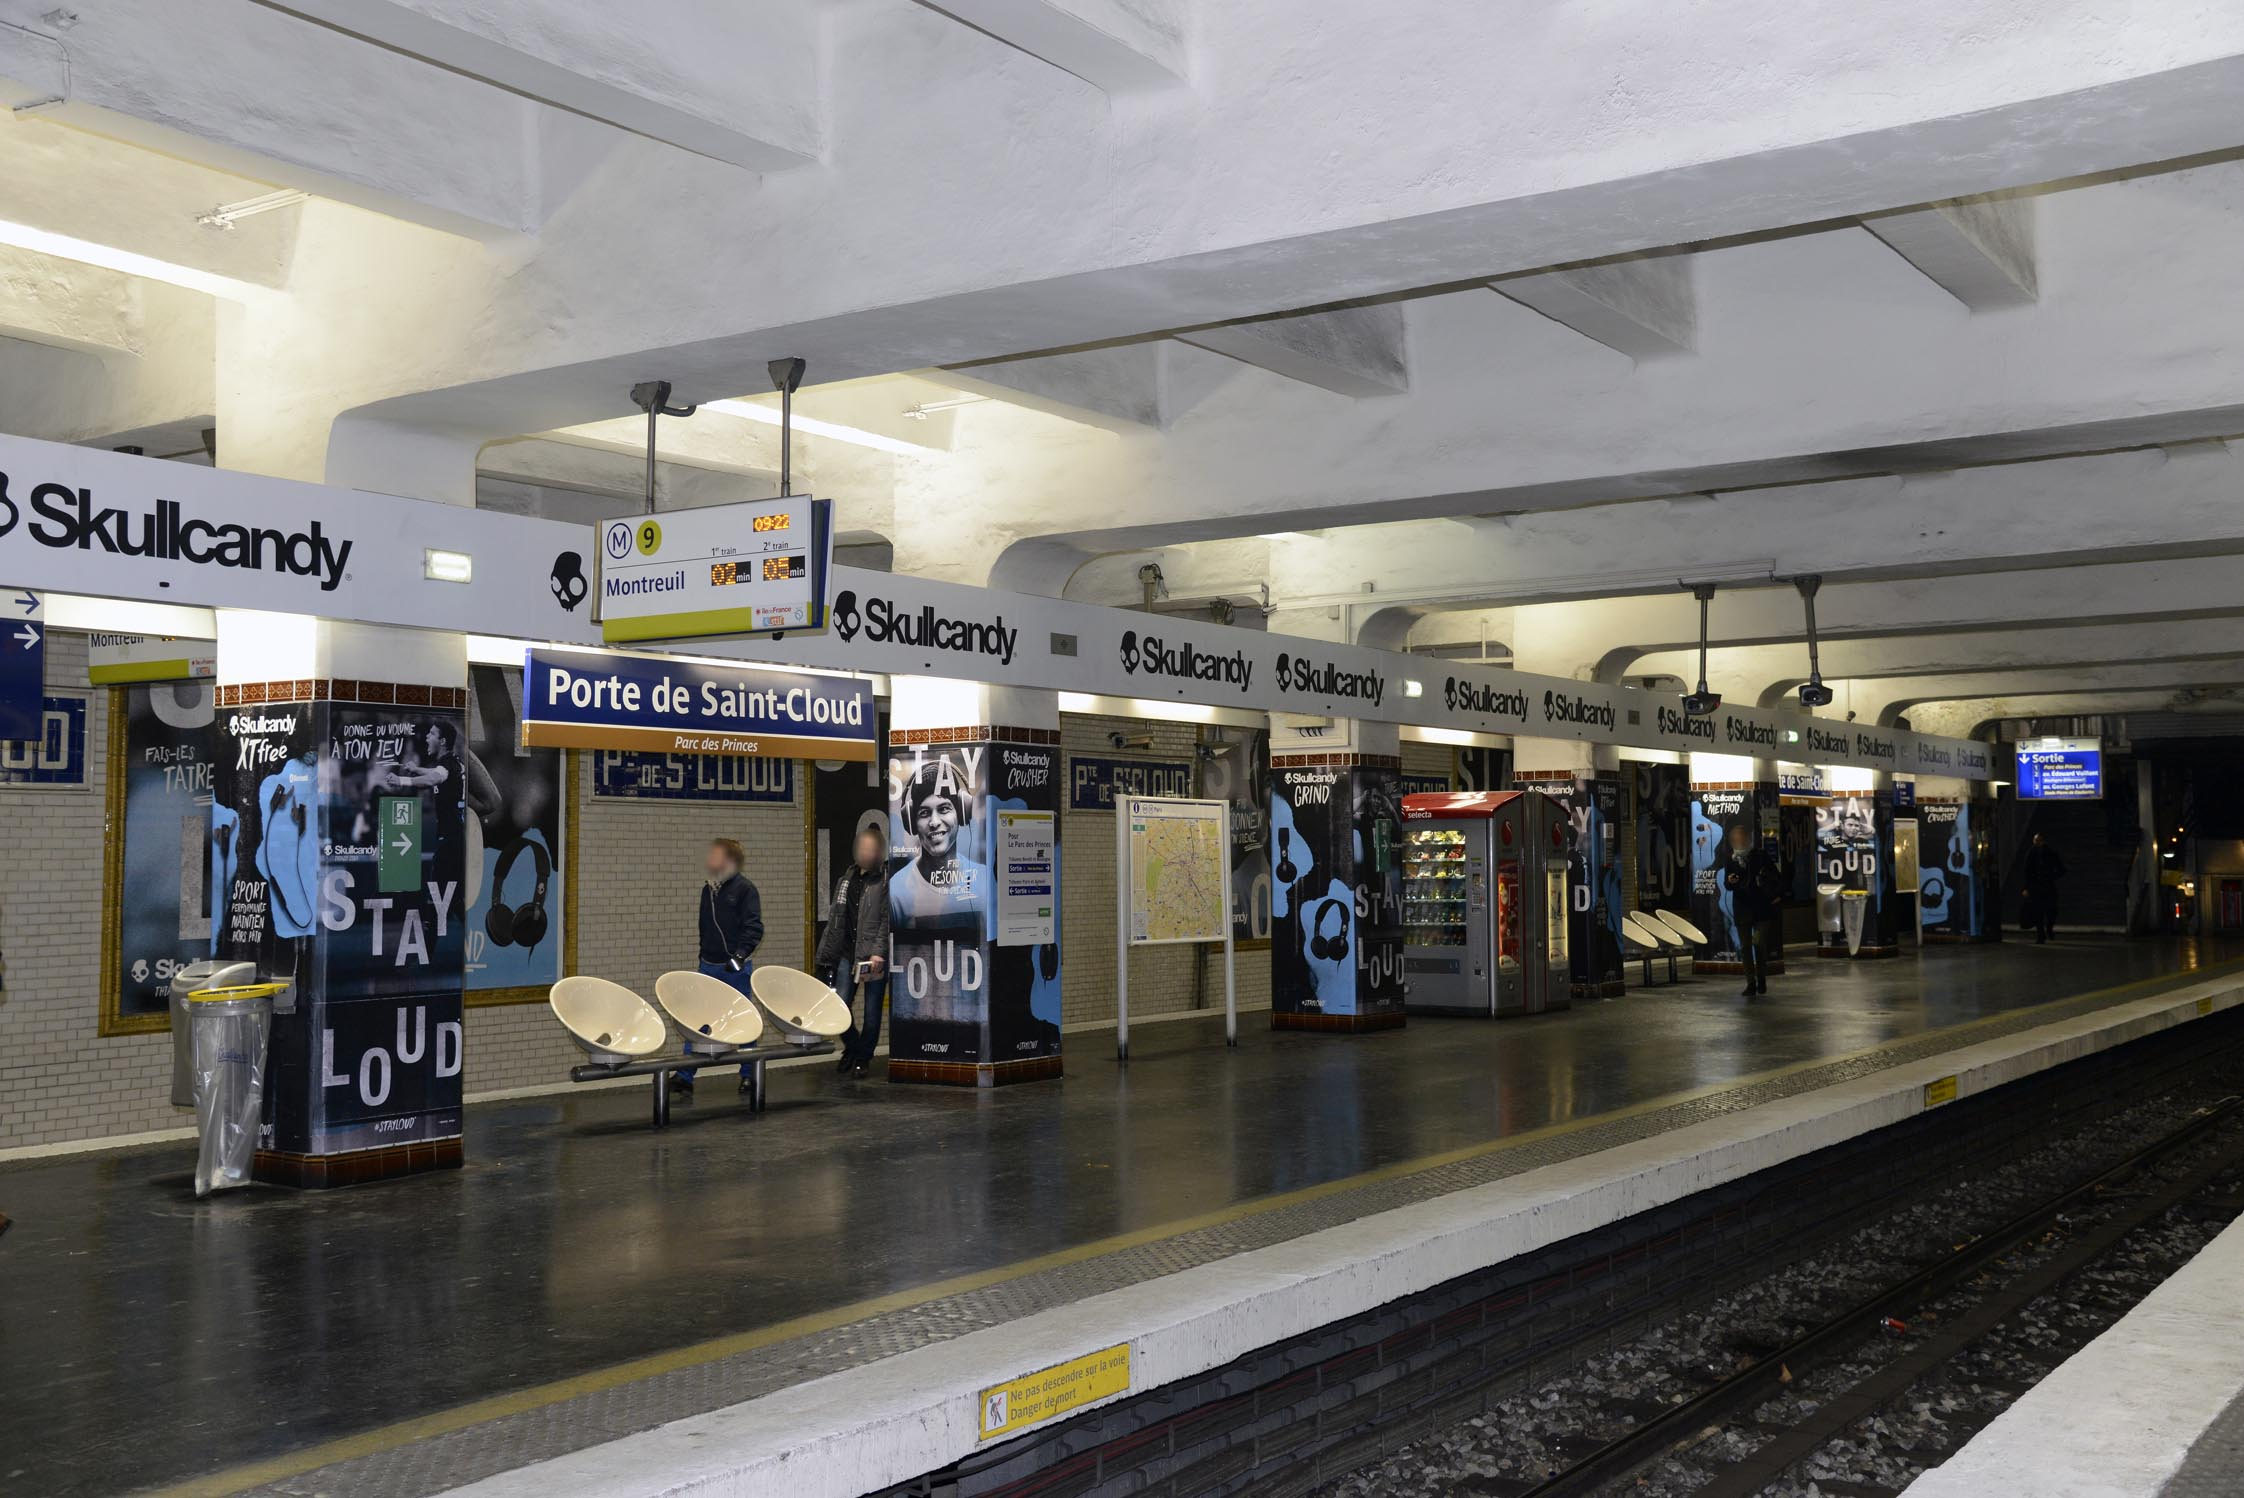 Skullcandy et thiago silva squattent la station de m tro porte de saint cloud - Stade francais porte de saint cloud ...